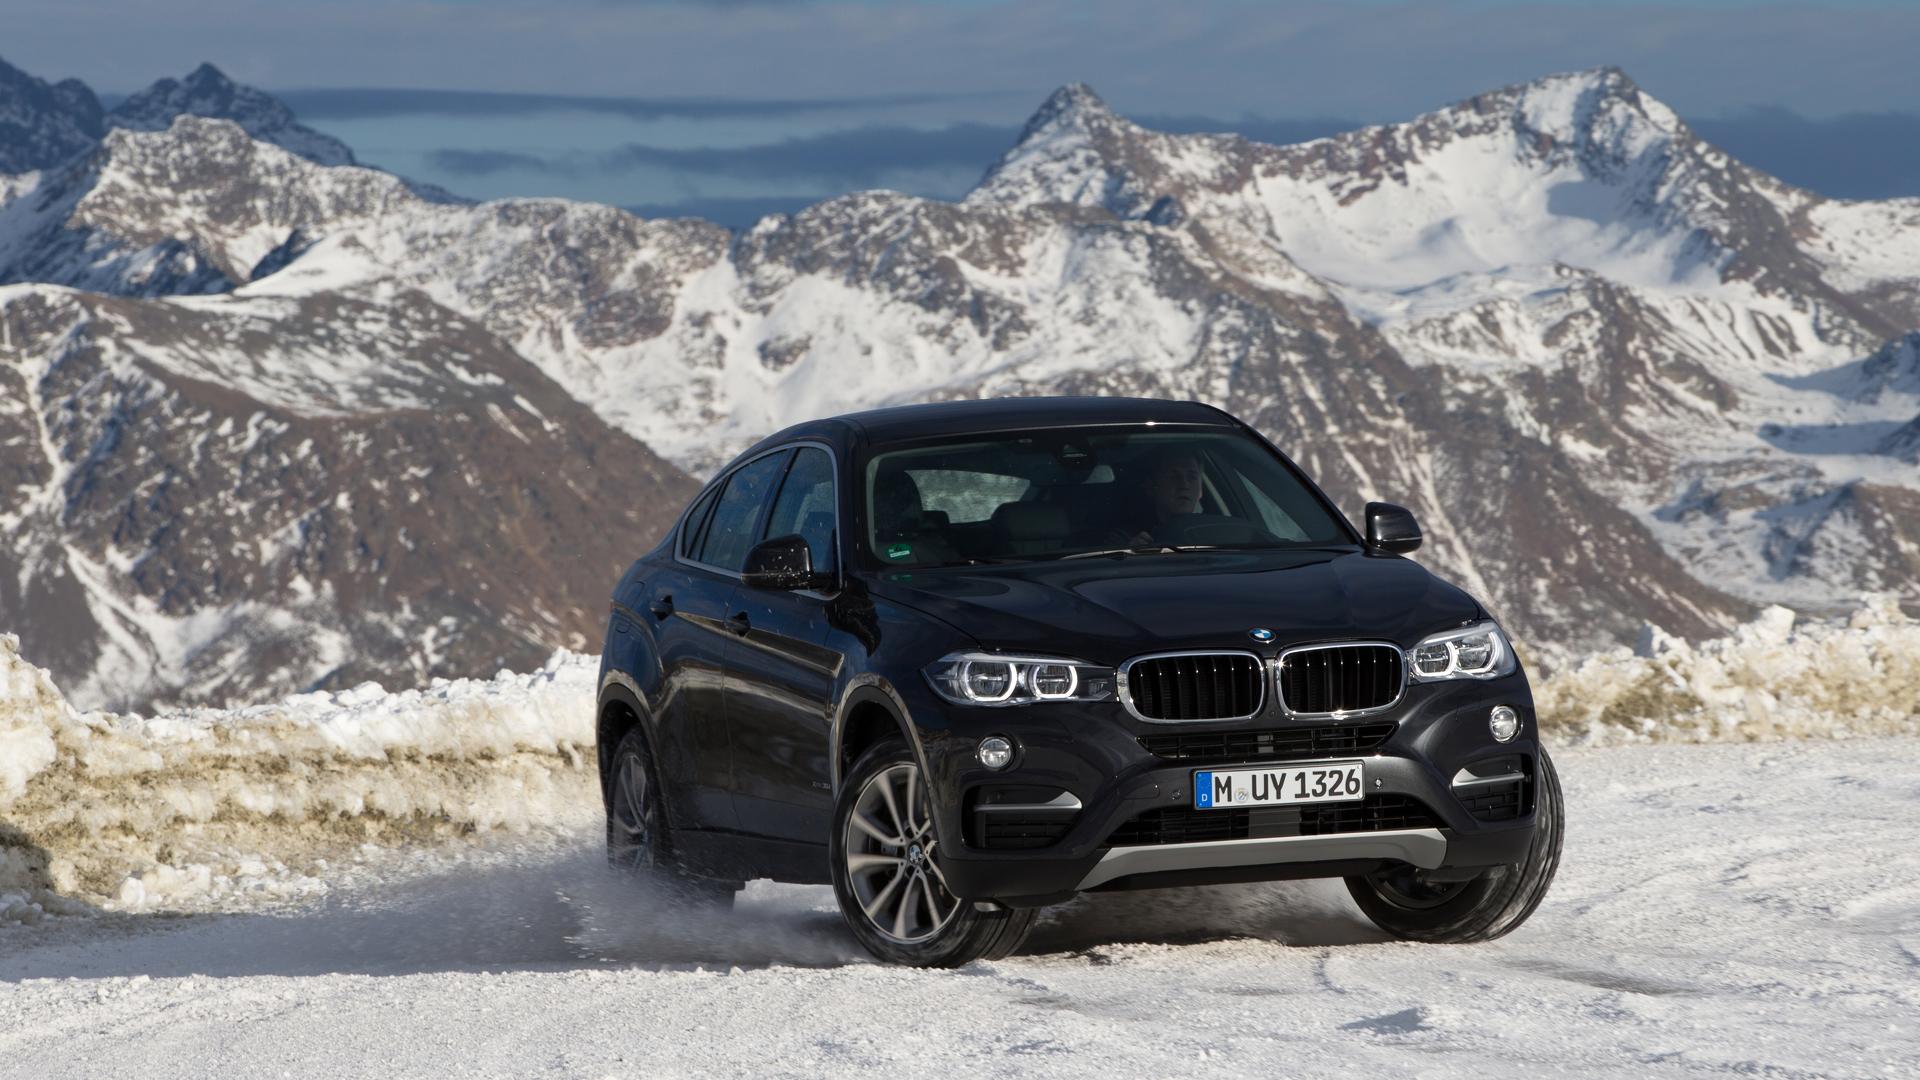 Bmw X6 News And Reviews Motor1 Com